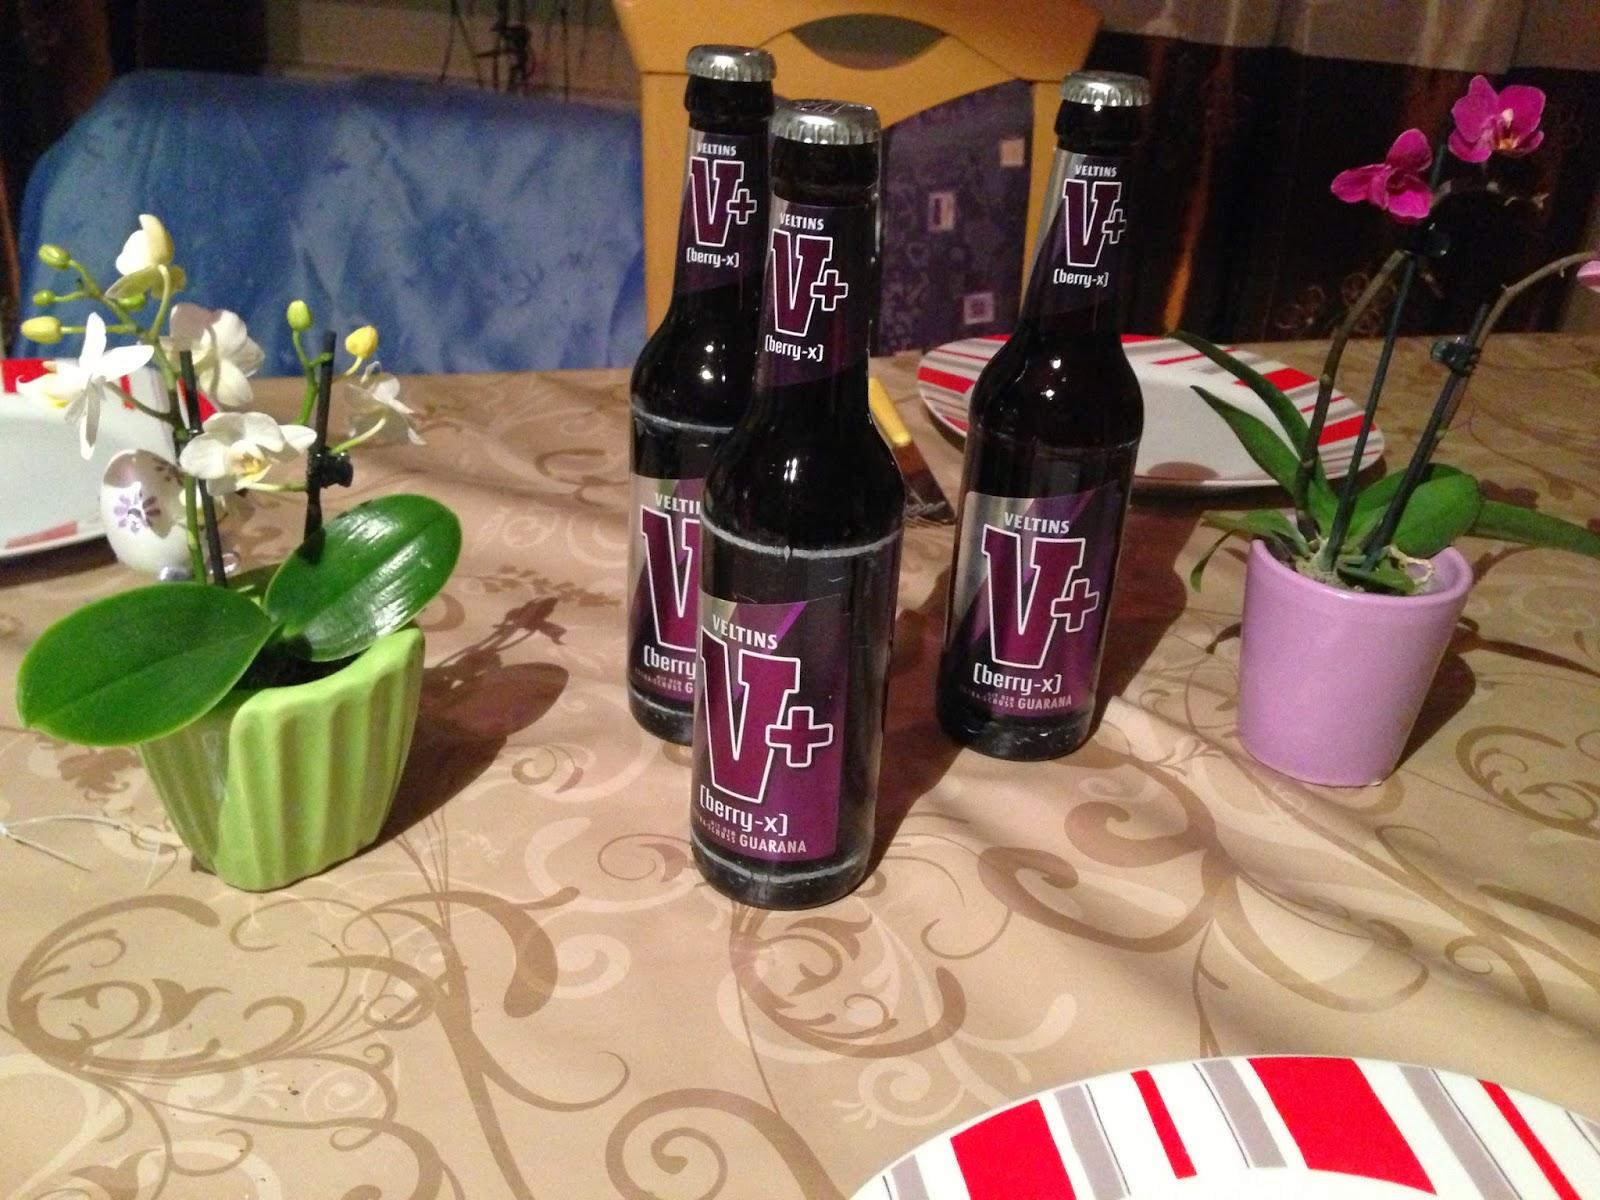 Katja-testet: V+ Berry-X - das neue Biermischgetränk von Veltins im ...